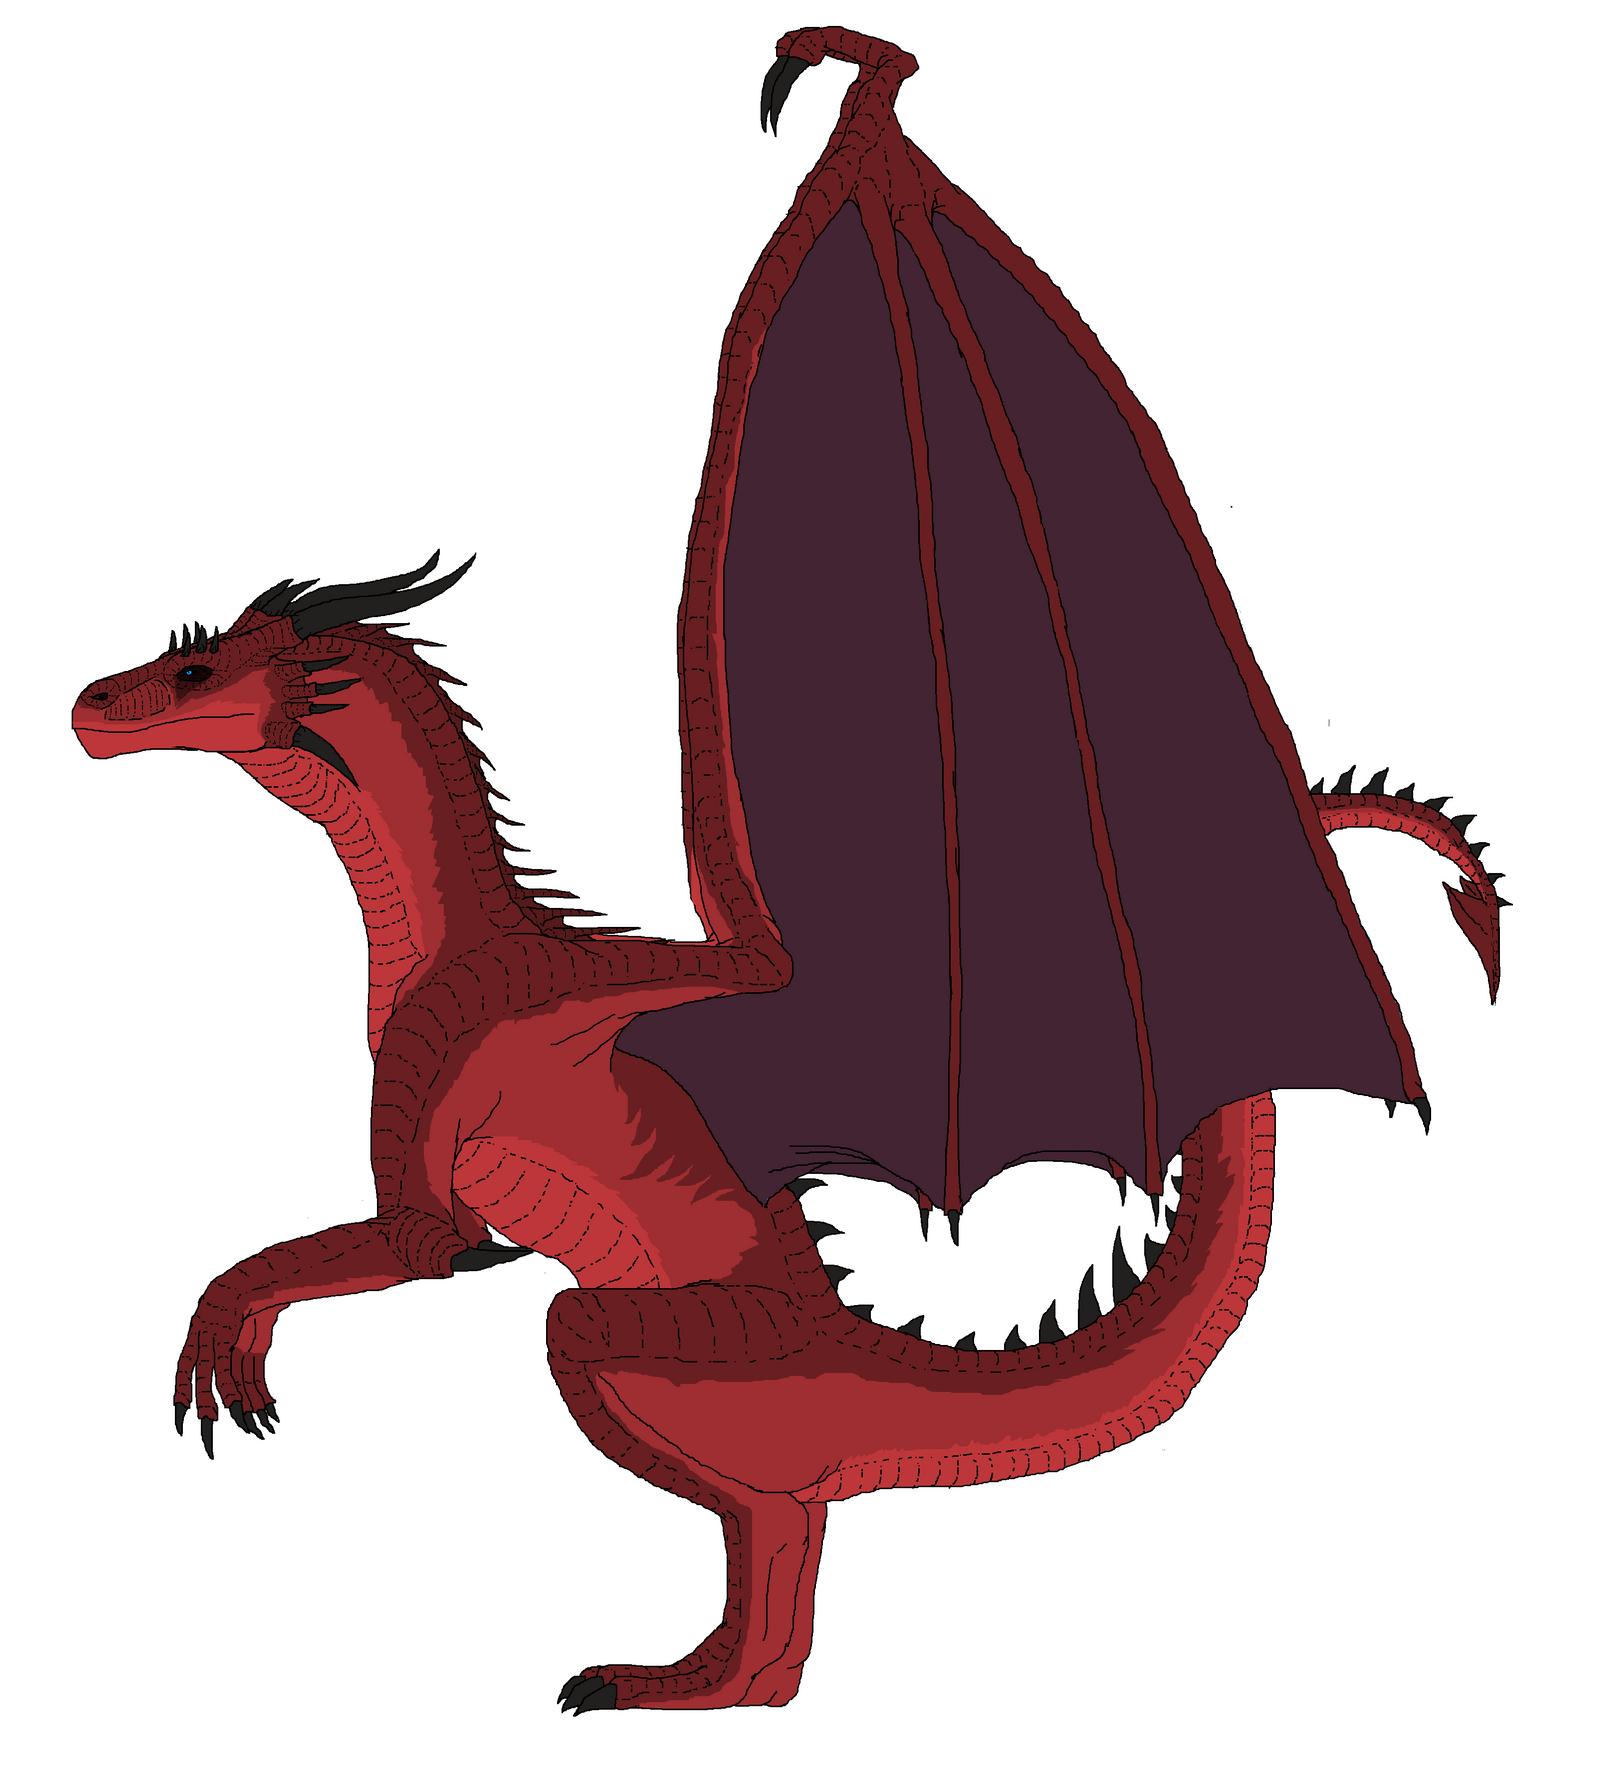 Tyrania (dragonsona) full body shot by Redspets